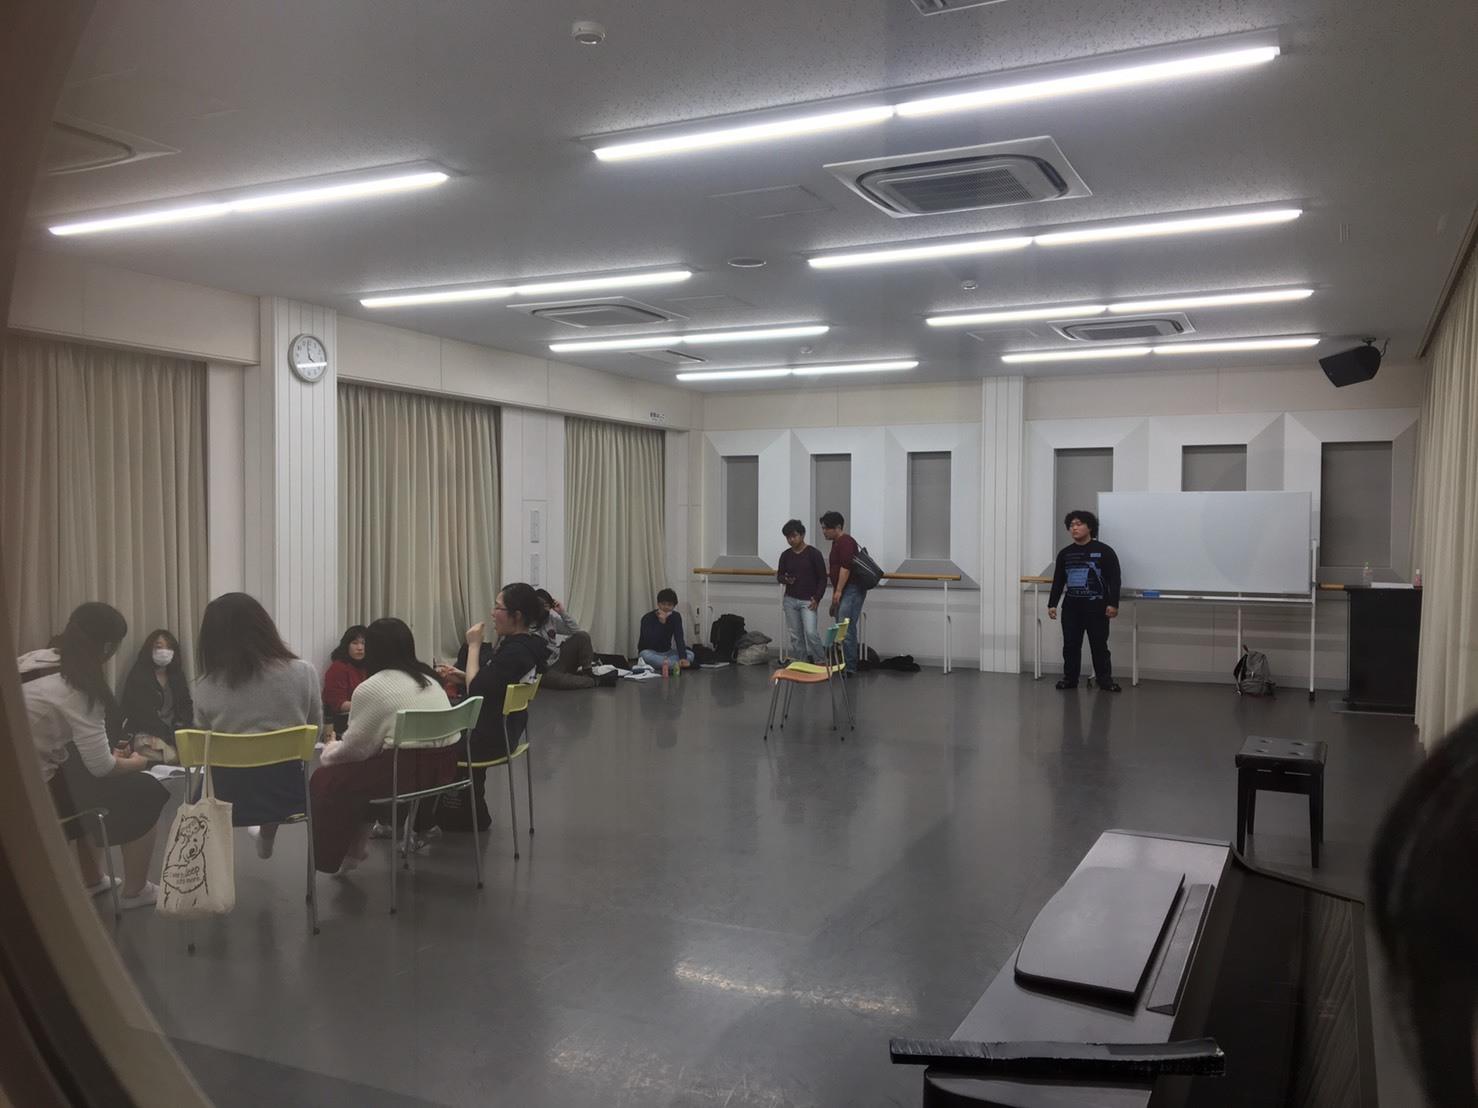 日誌 3/5(火) 会議でパソコンカチャカチャやってるとカッコいいよね Byあやねん_a0137821_23031831.jpg